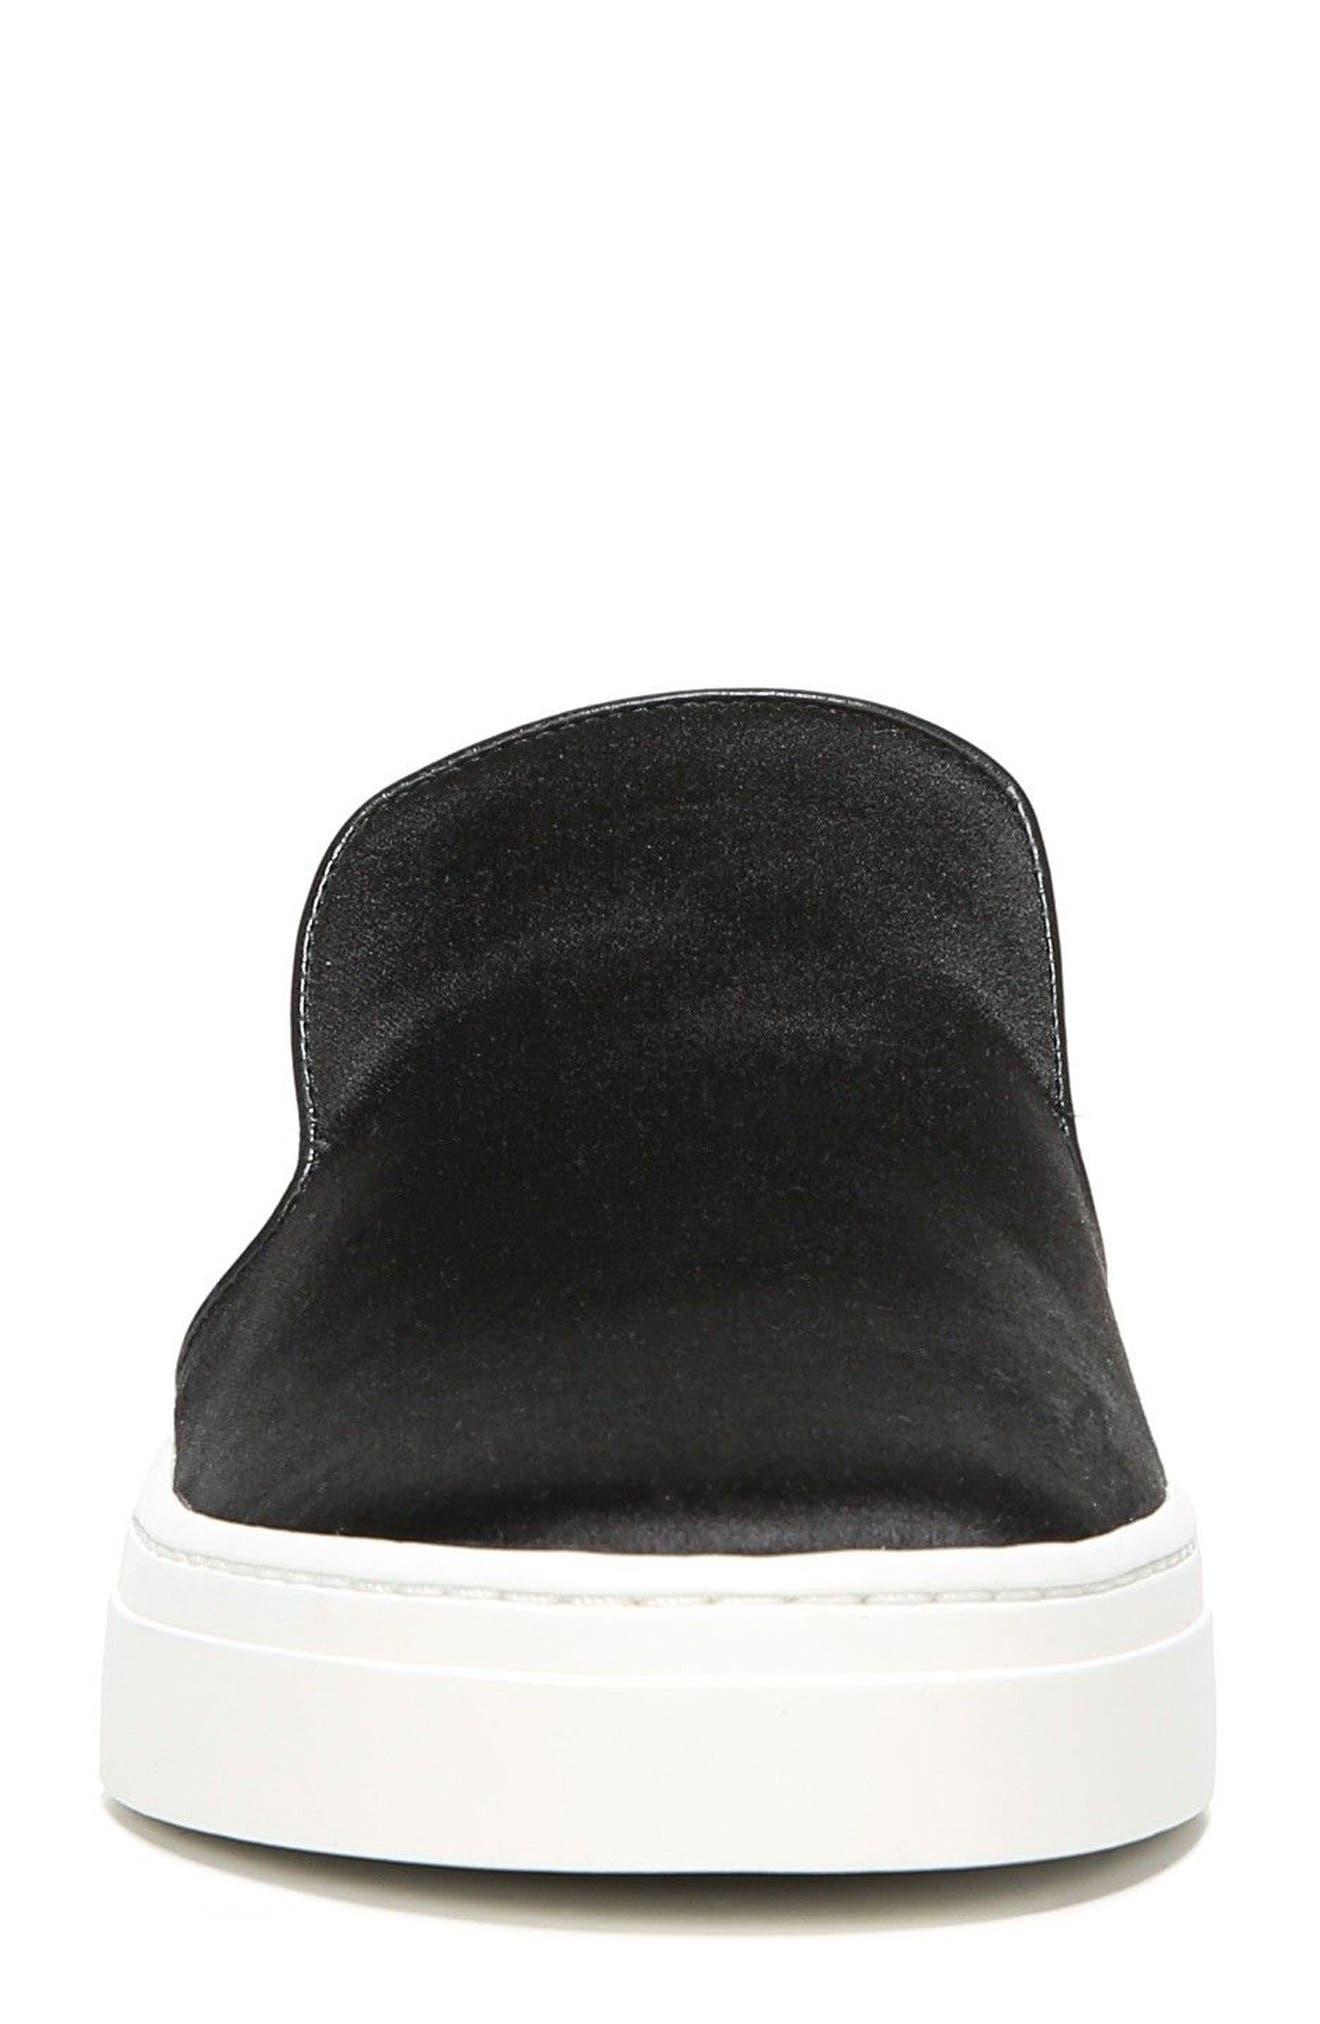 Budapest Slip-On Sneaker,                             Alternate thumbnail 4, color,                             Black